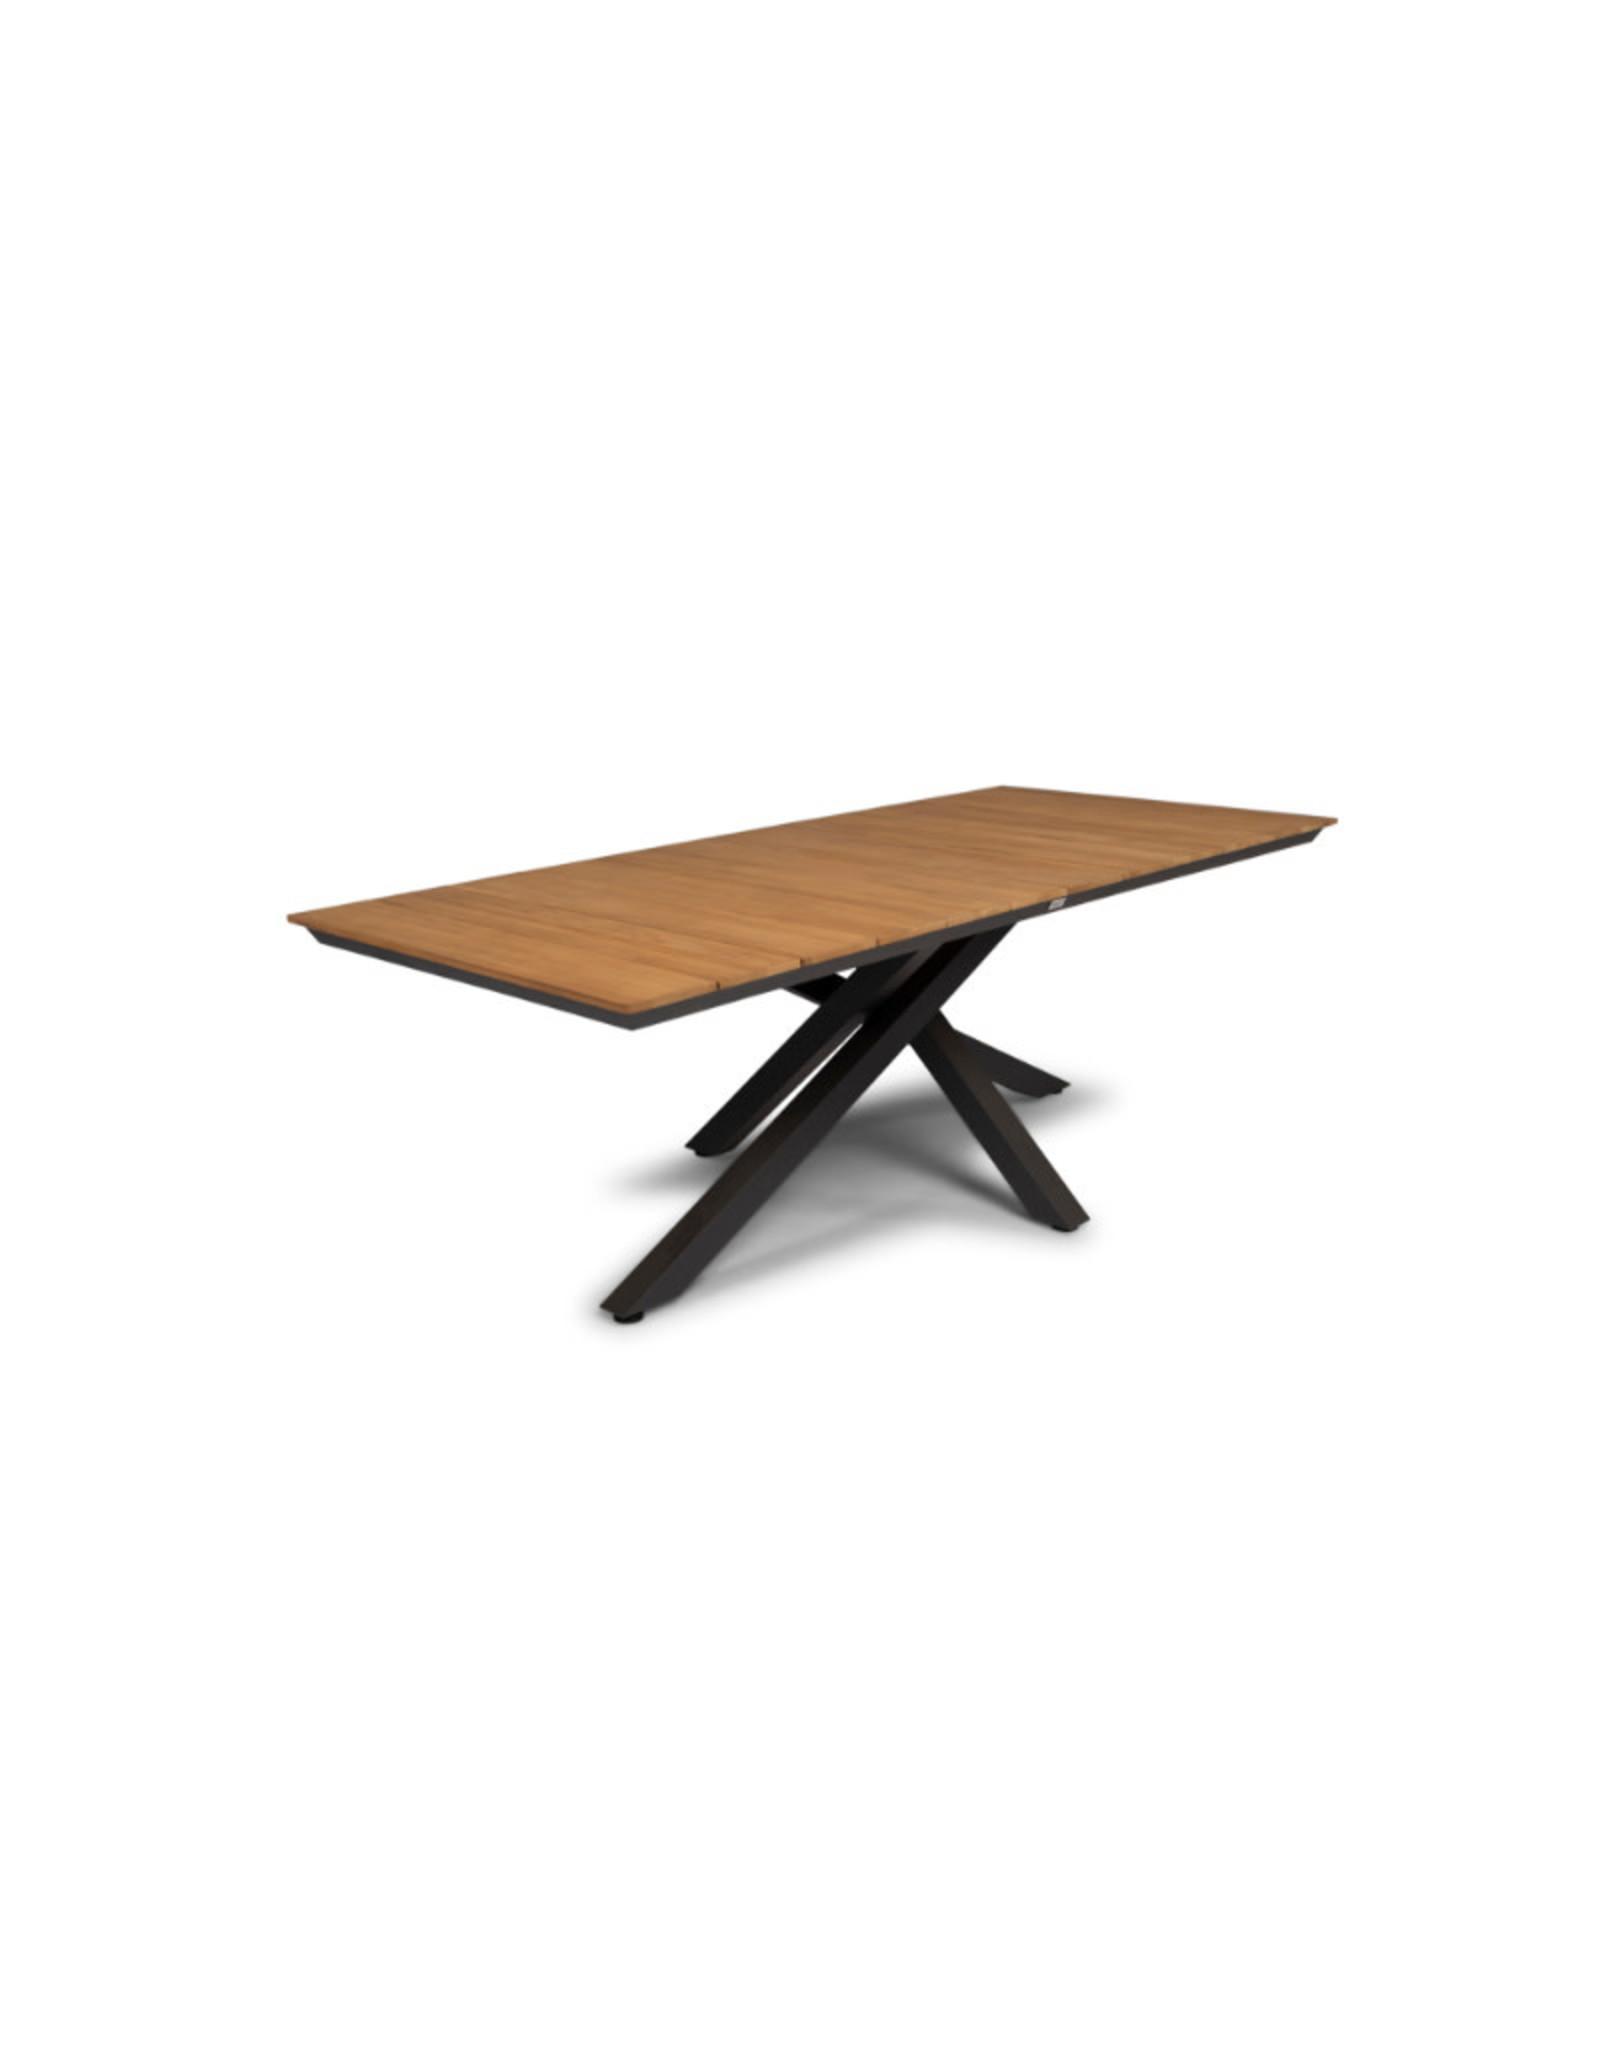 Tierra Outdoor Tierra Outdoor Omnigo Orion Dining Table 220x100cm